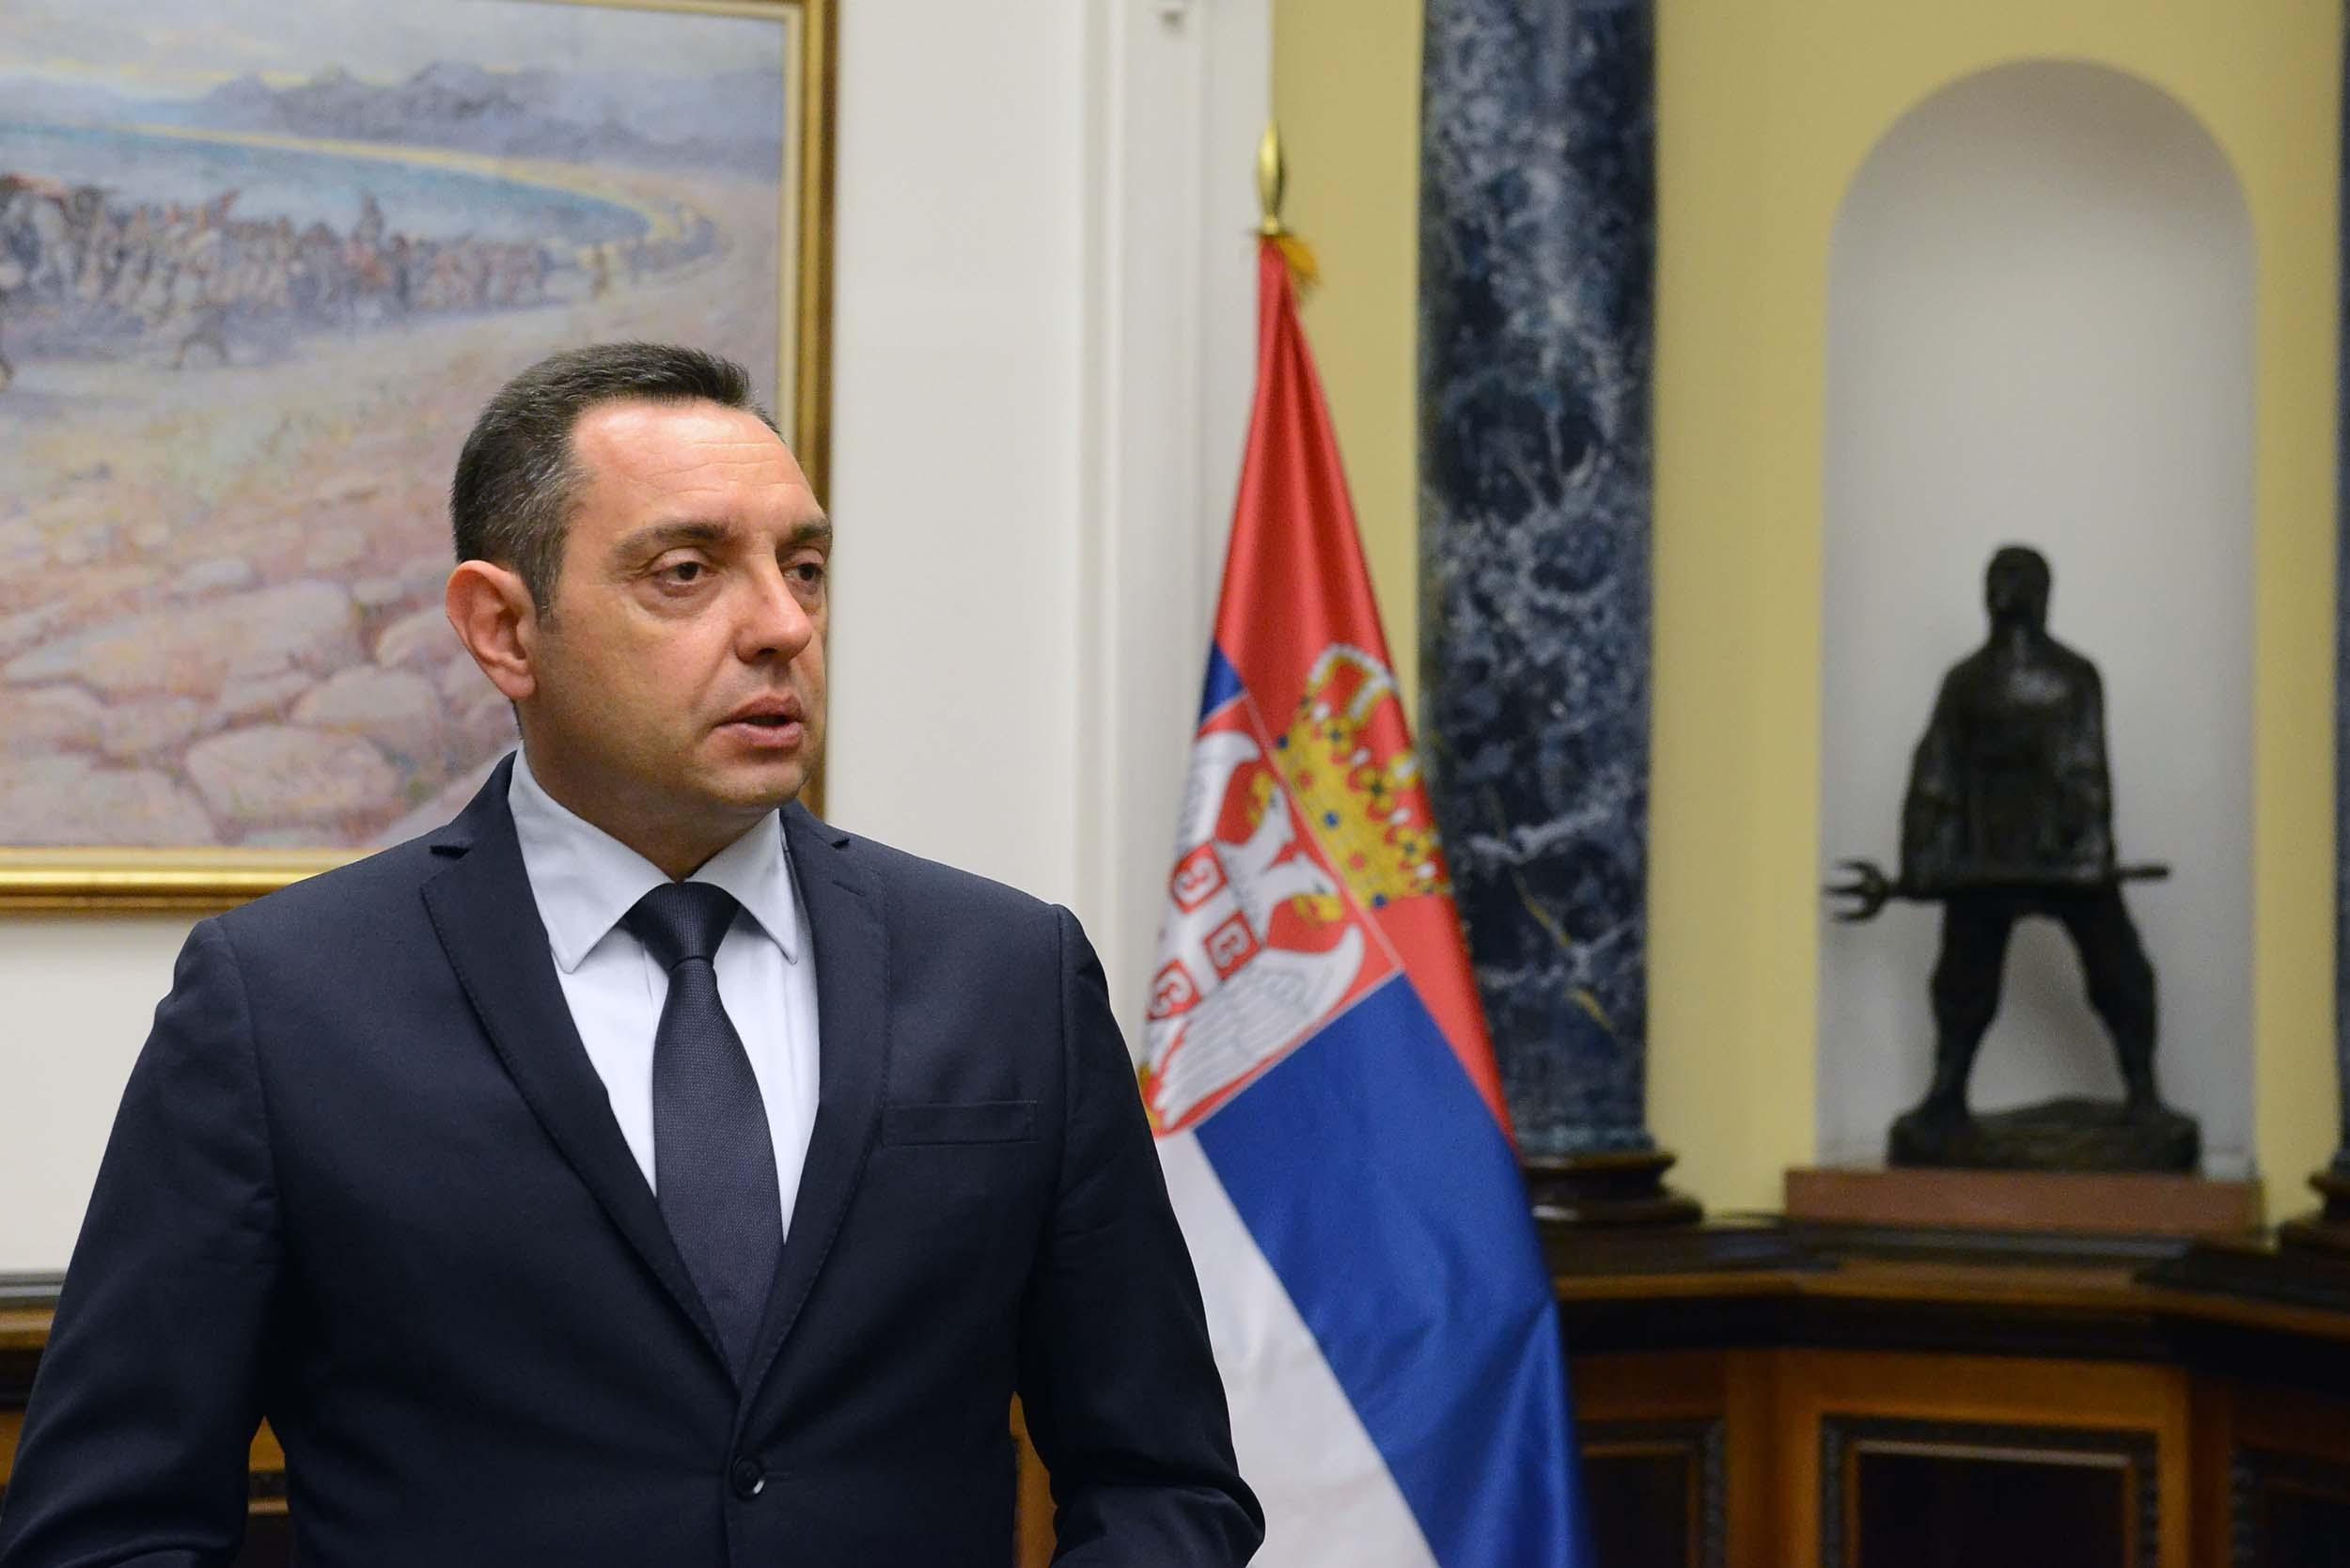 Vulin: Više o špijunskoj aferi sutra, Vučić podrobno razmatra slučaj